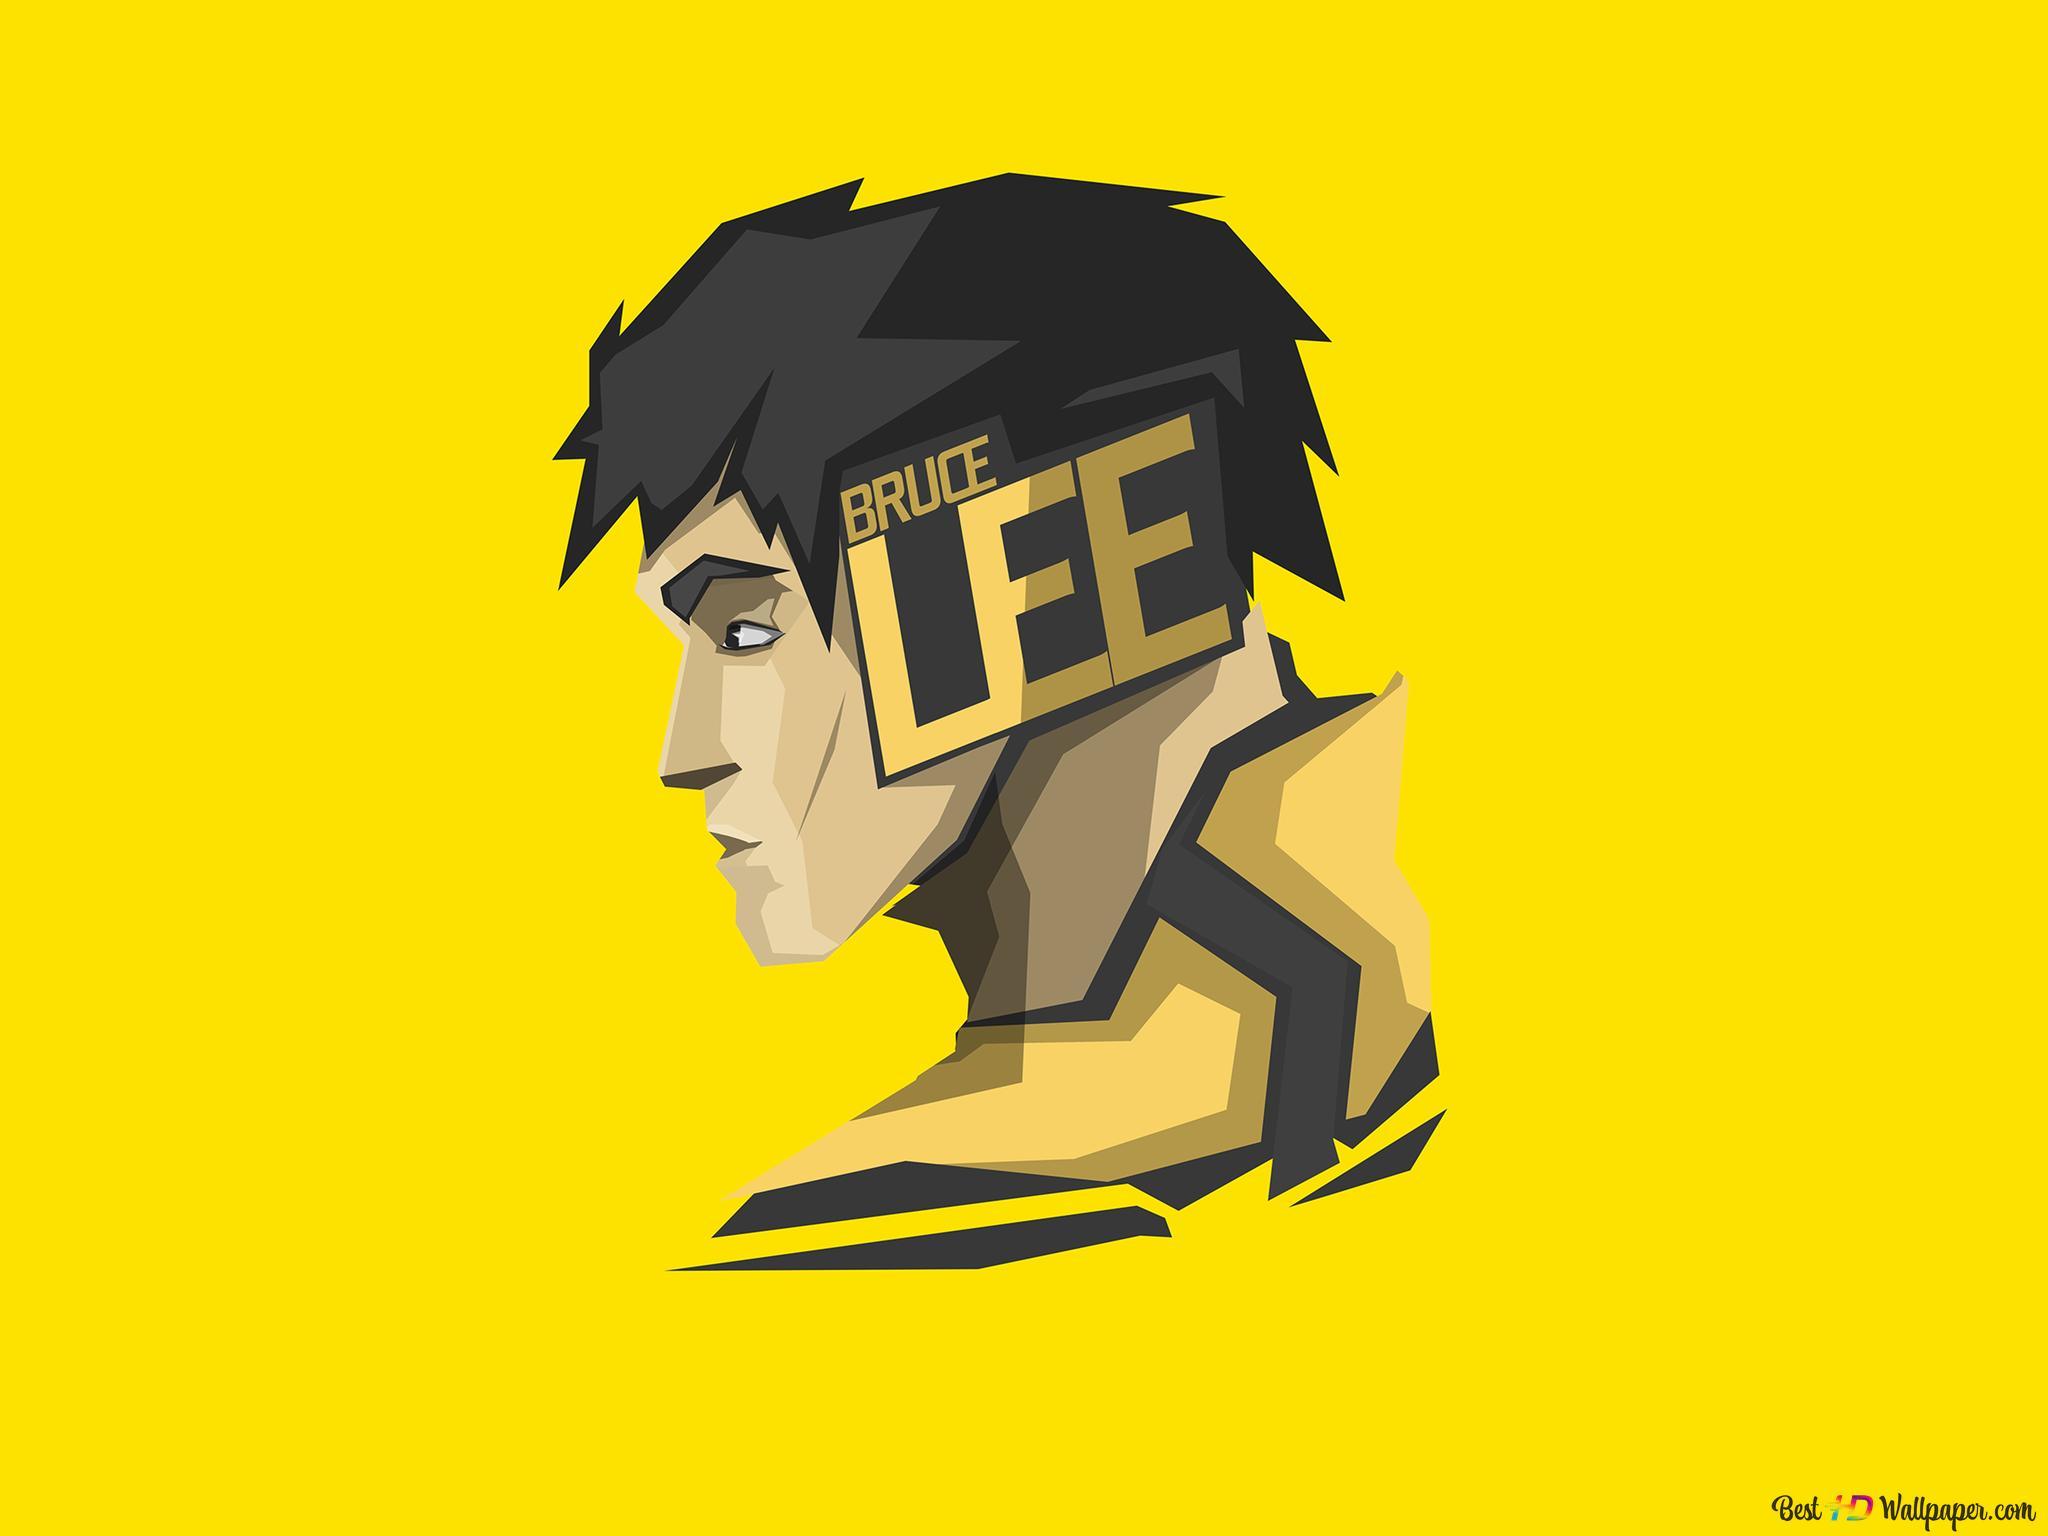 演员和武术家李小龙极简的黄色壁纸背景高清壁纸下载